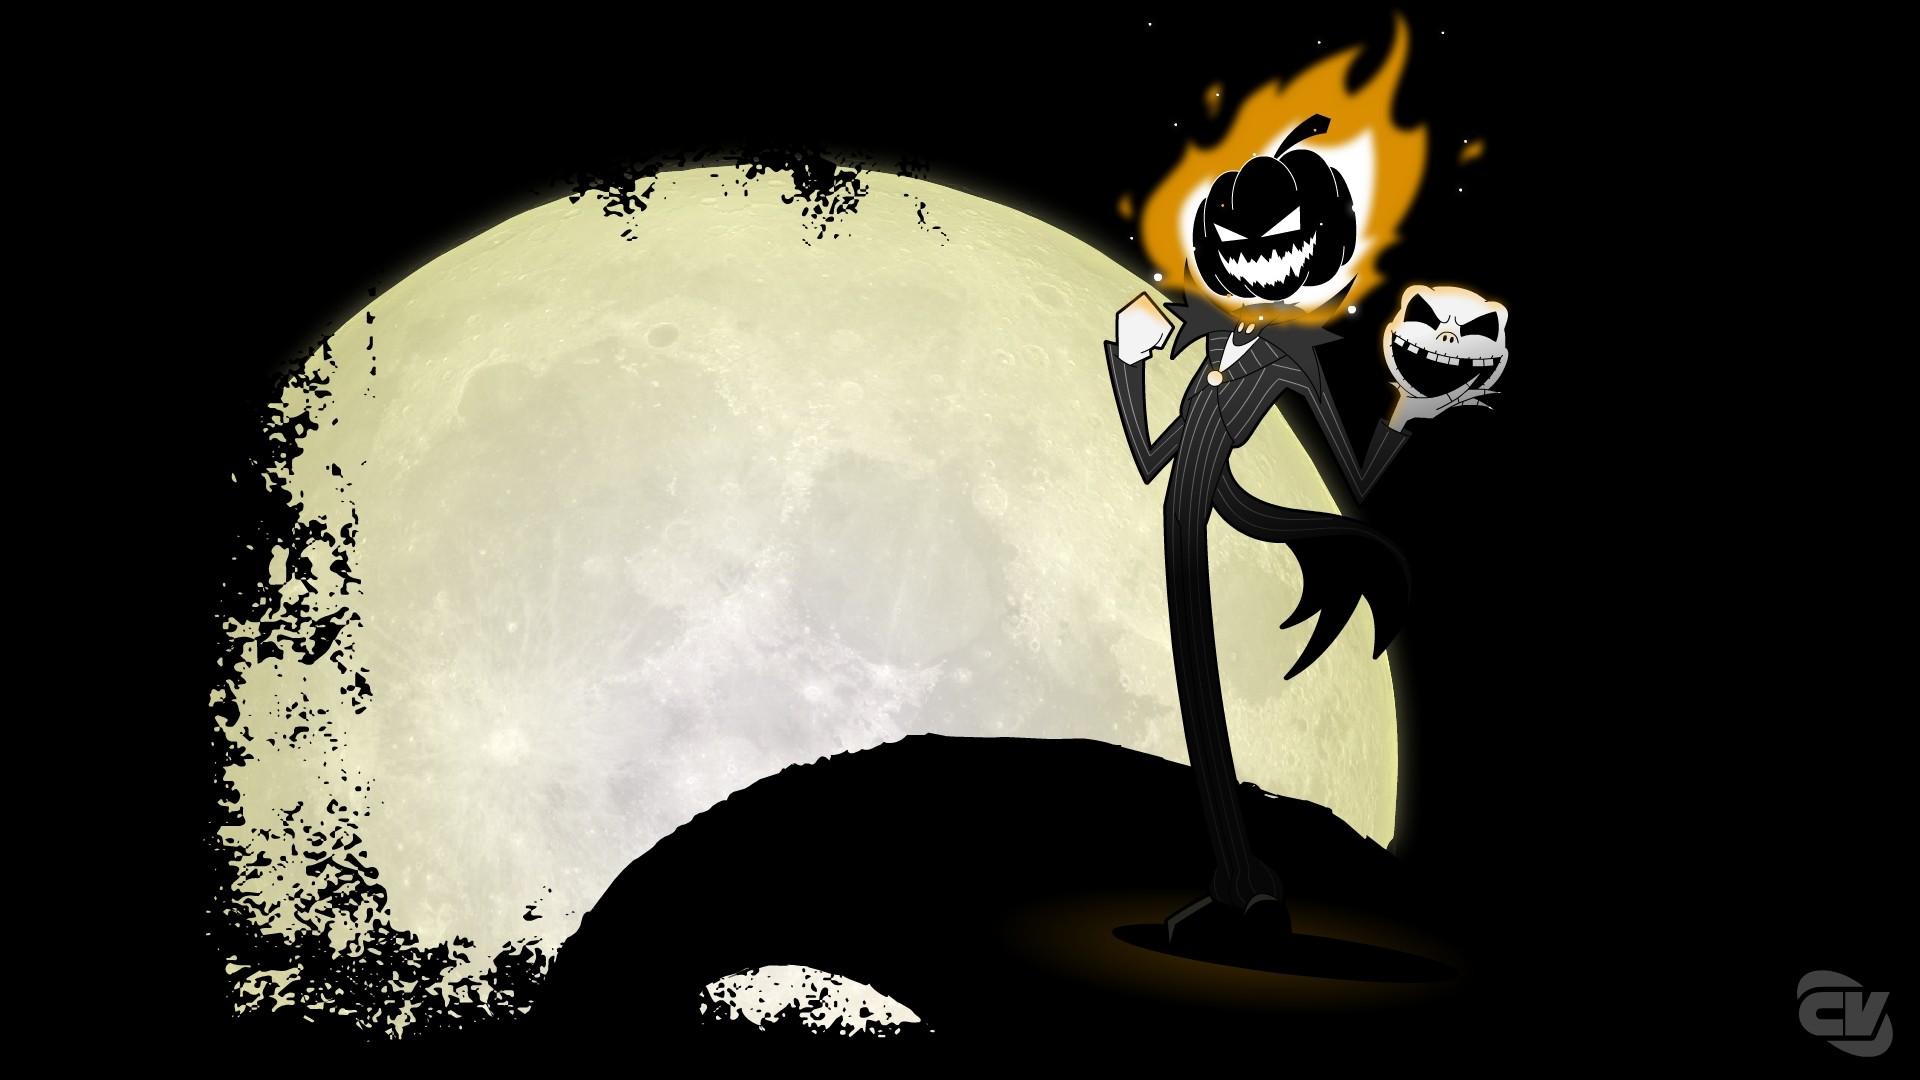 jack skellington halloween costume homemade